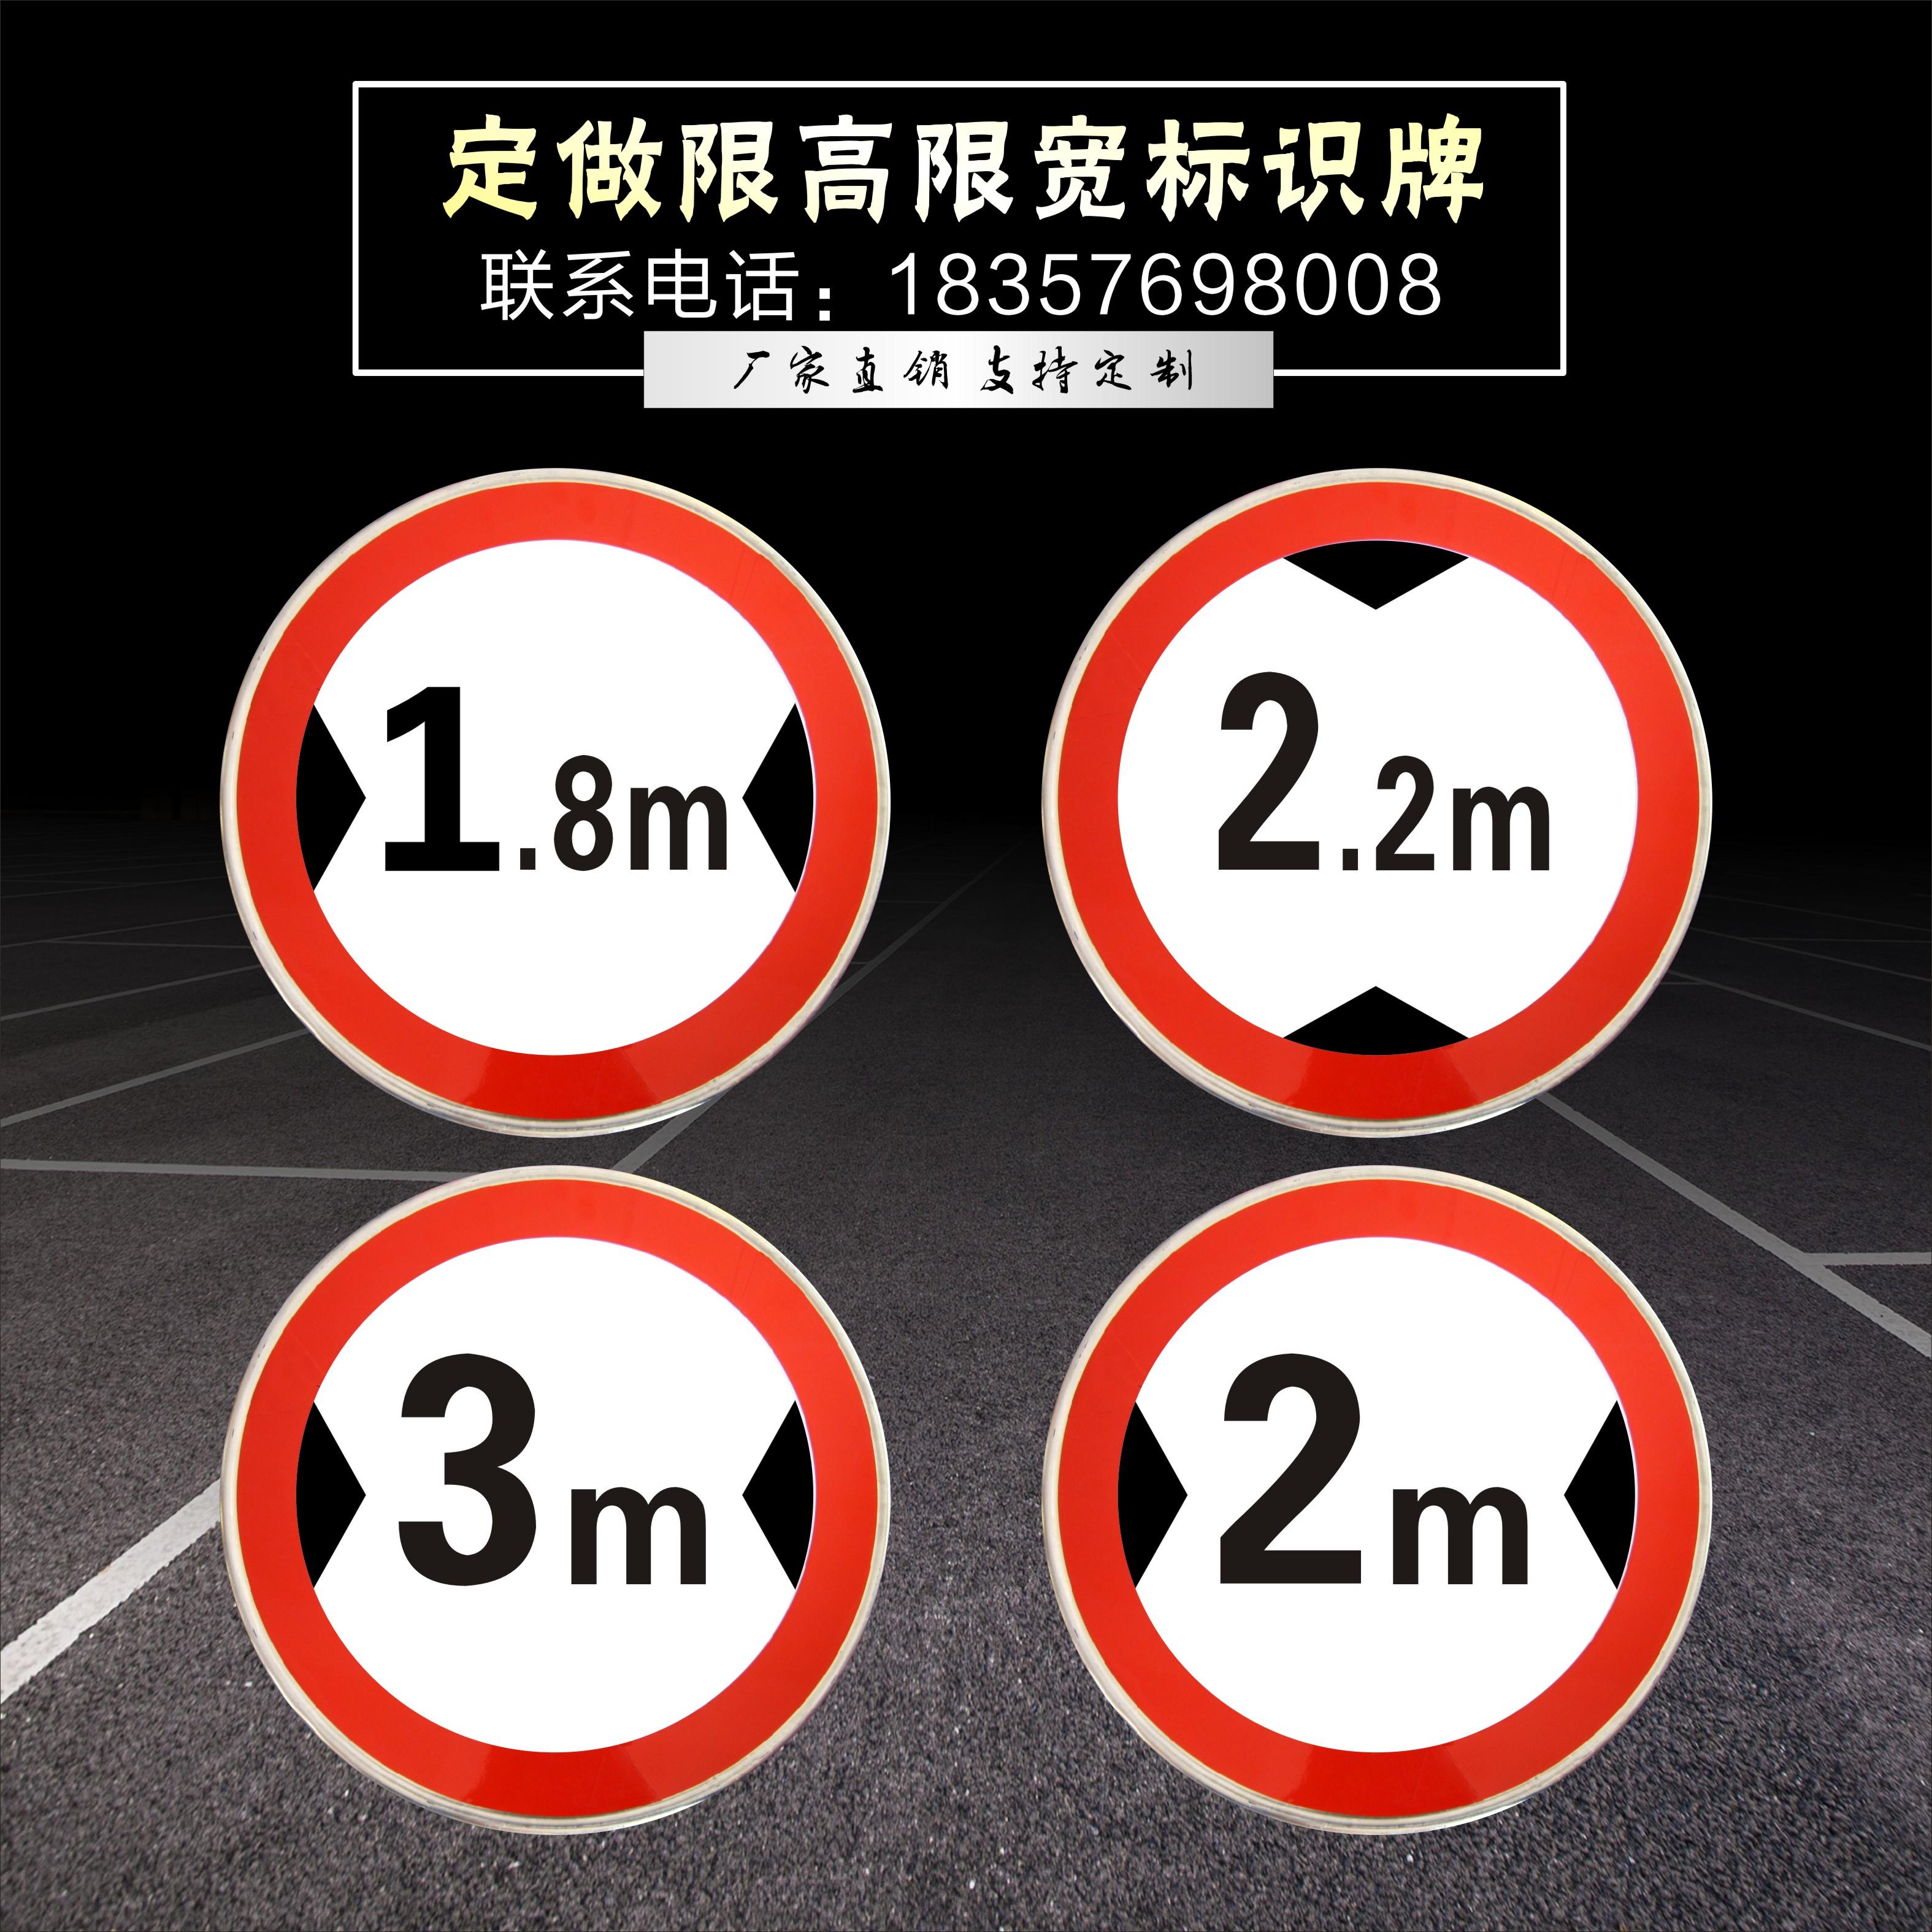 限高标志牌桥梁限宽限重警示牌反光标识车库门口龙门架2.2m指示牌